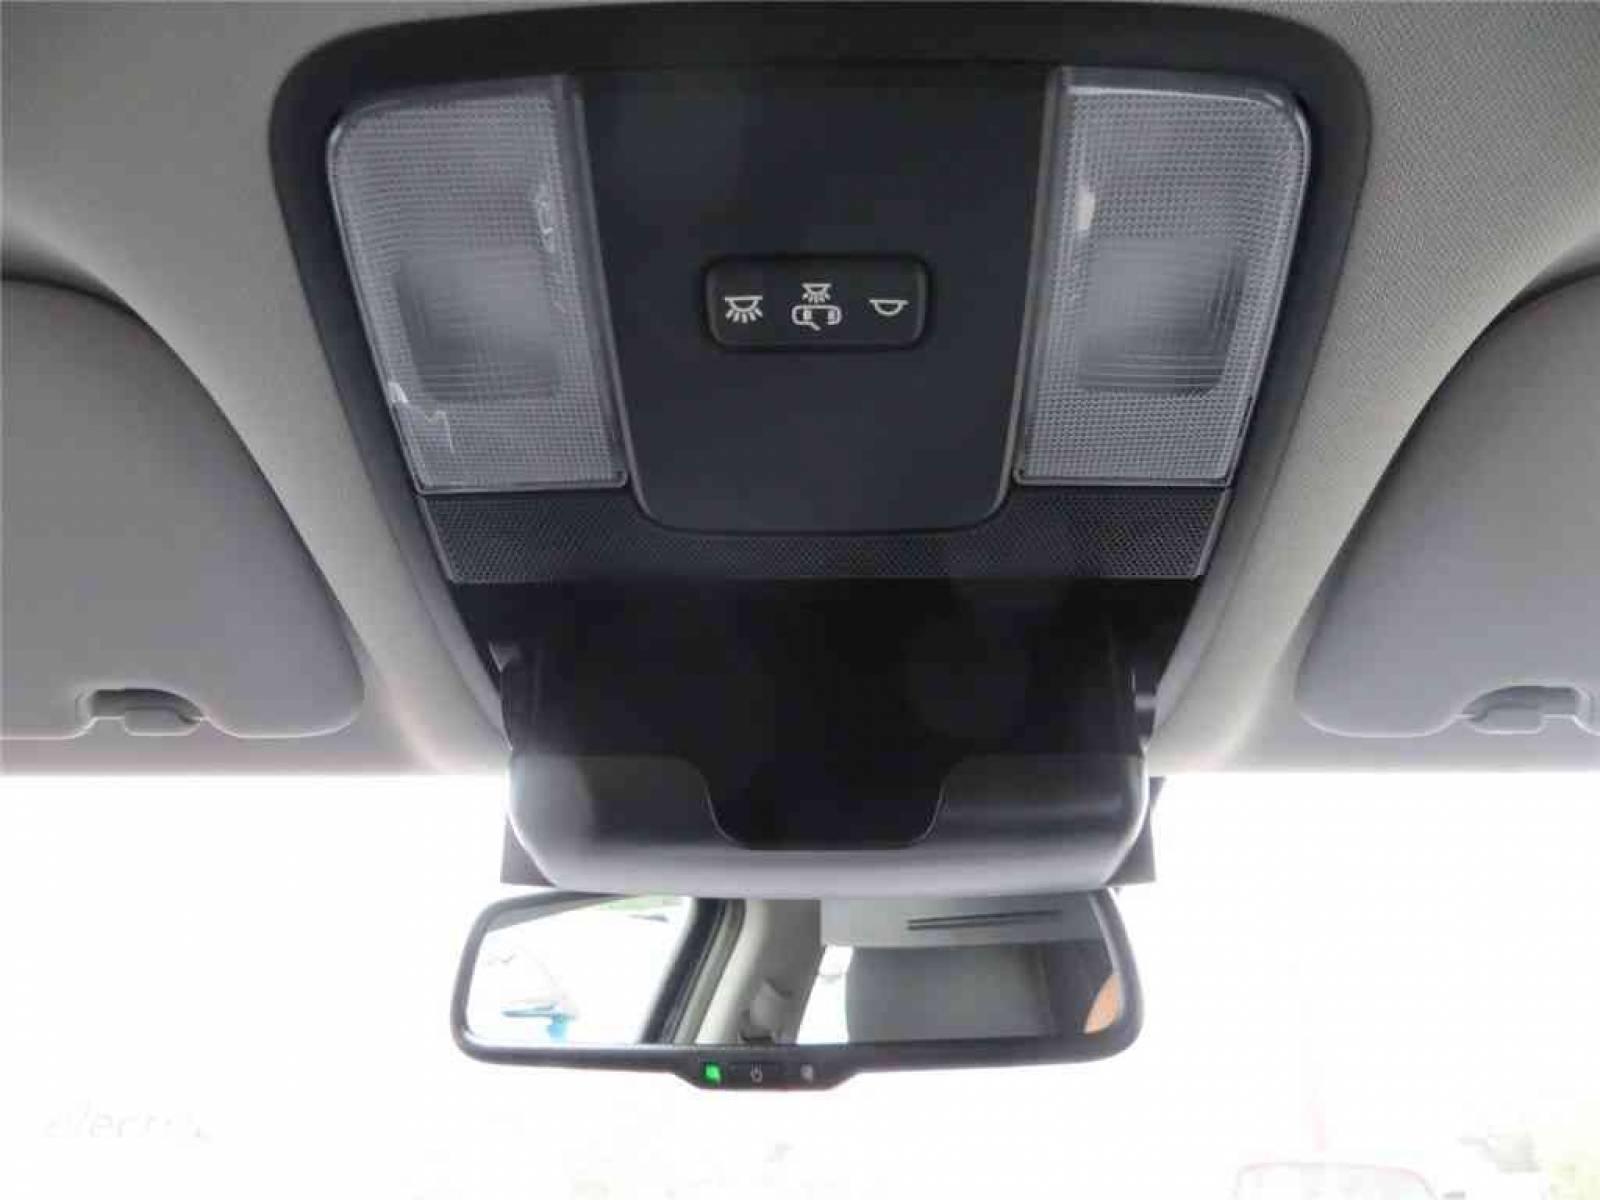 KIA XCeed 1.6l CRDi 136 ch BVM6 ISG - véhicule d'occasion - Groupe Guillet - Hall de l'automobile - Chalon sur Saône - 71380 - Saint-Marcel - 19